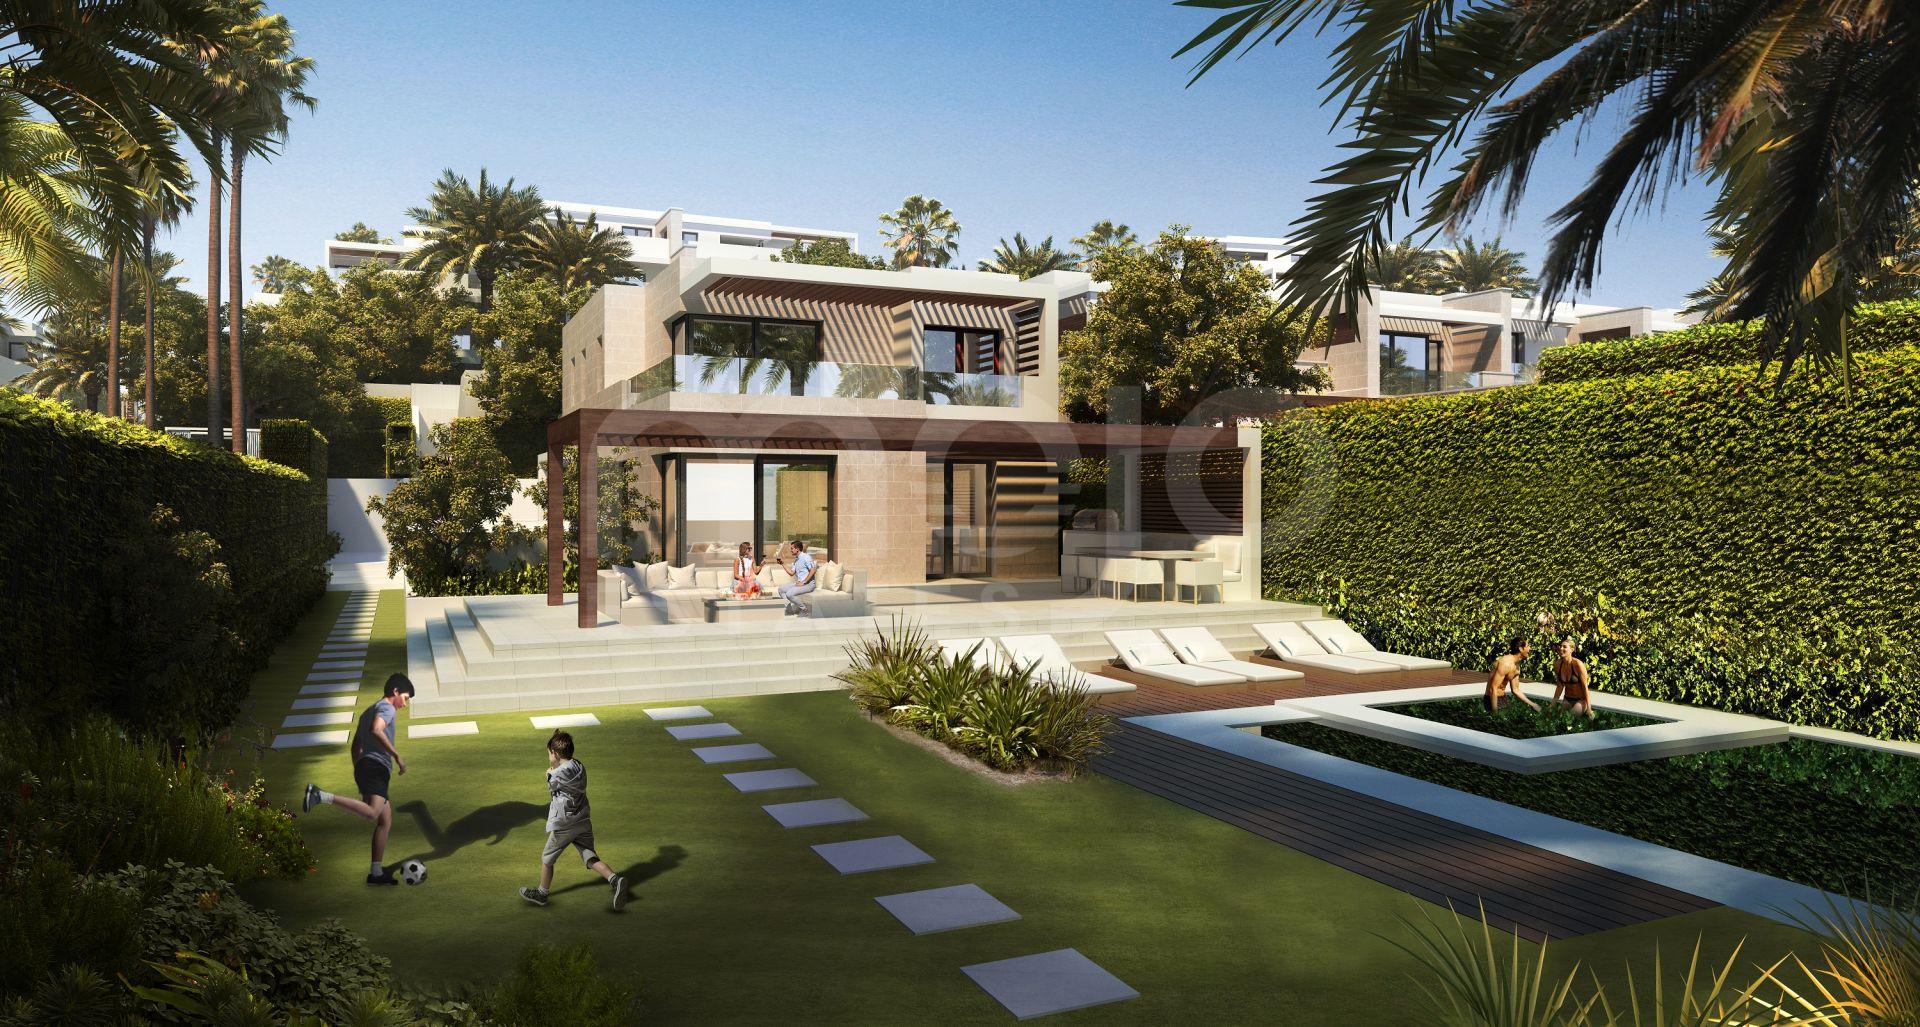 Nuevo complejo de apartamentos en Estepona Playa